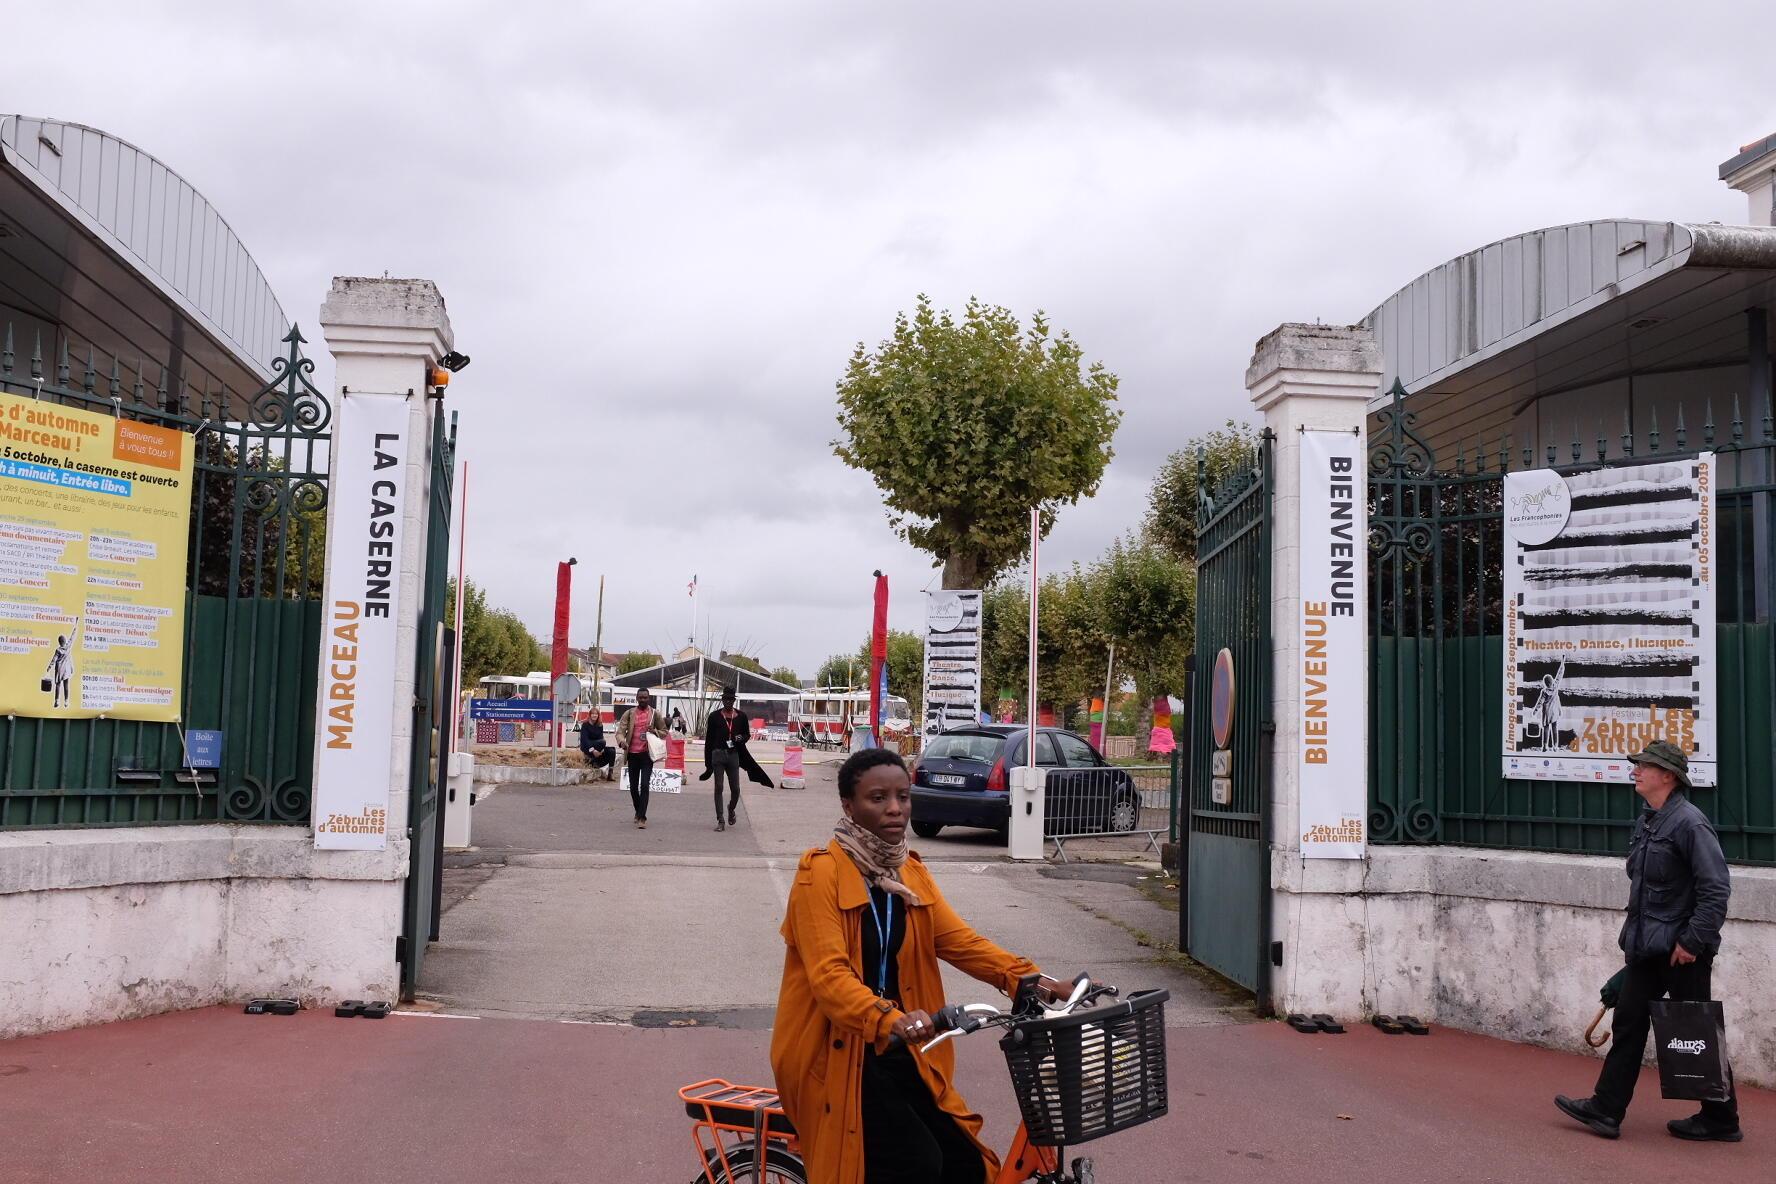 L'entrée de la caserne Marceau, le nouveau lieu de rencontre du festival des Francophonies, « Les Zébrures d'automne », avant l'ouverture du 25 septembre, à Limoges.